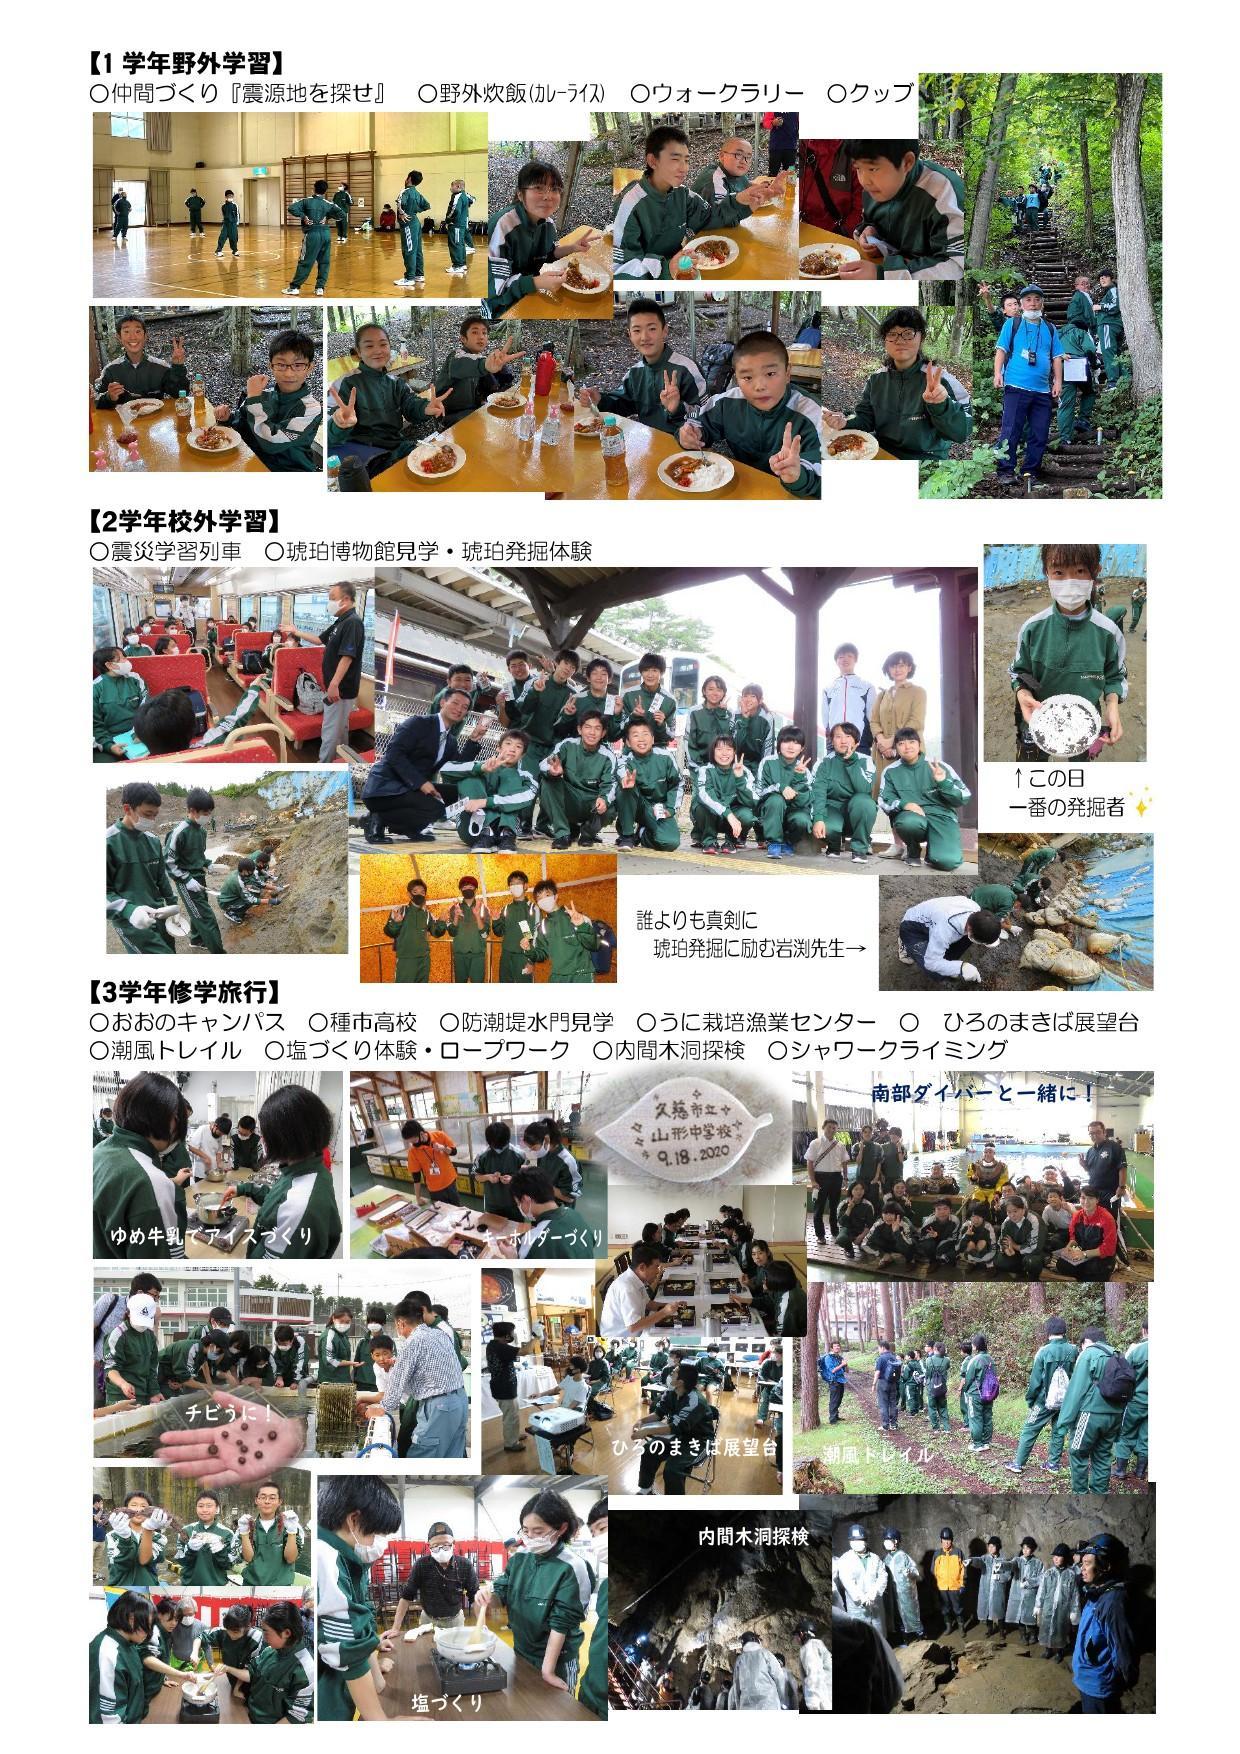 校報やまどり(令和2年9月24日発行)2ページ